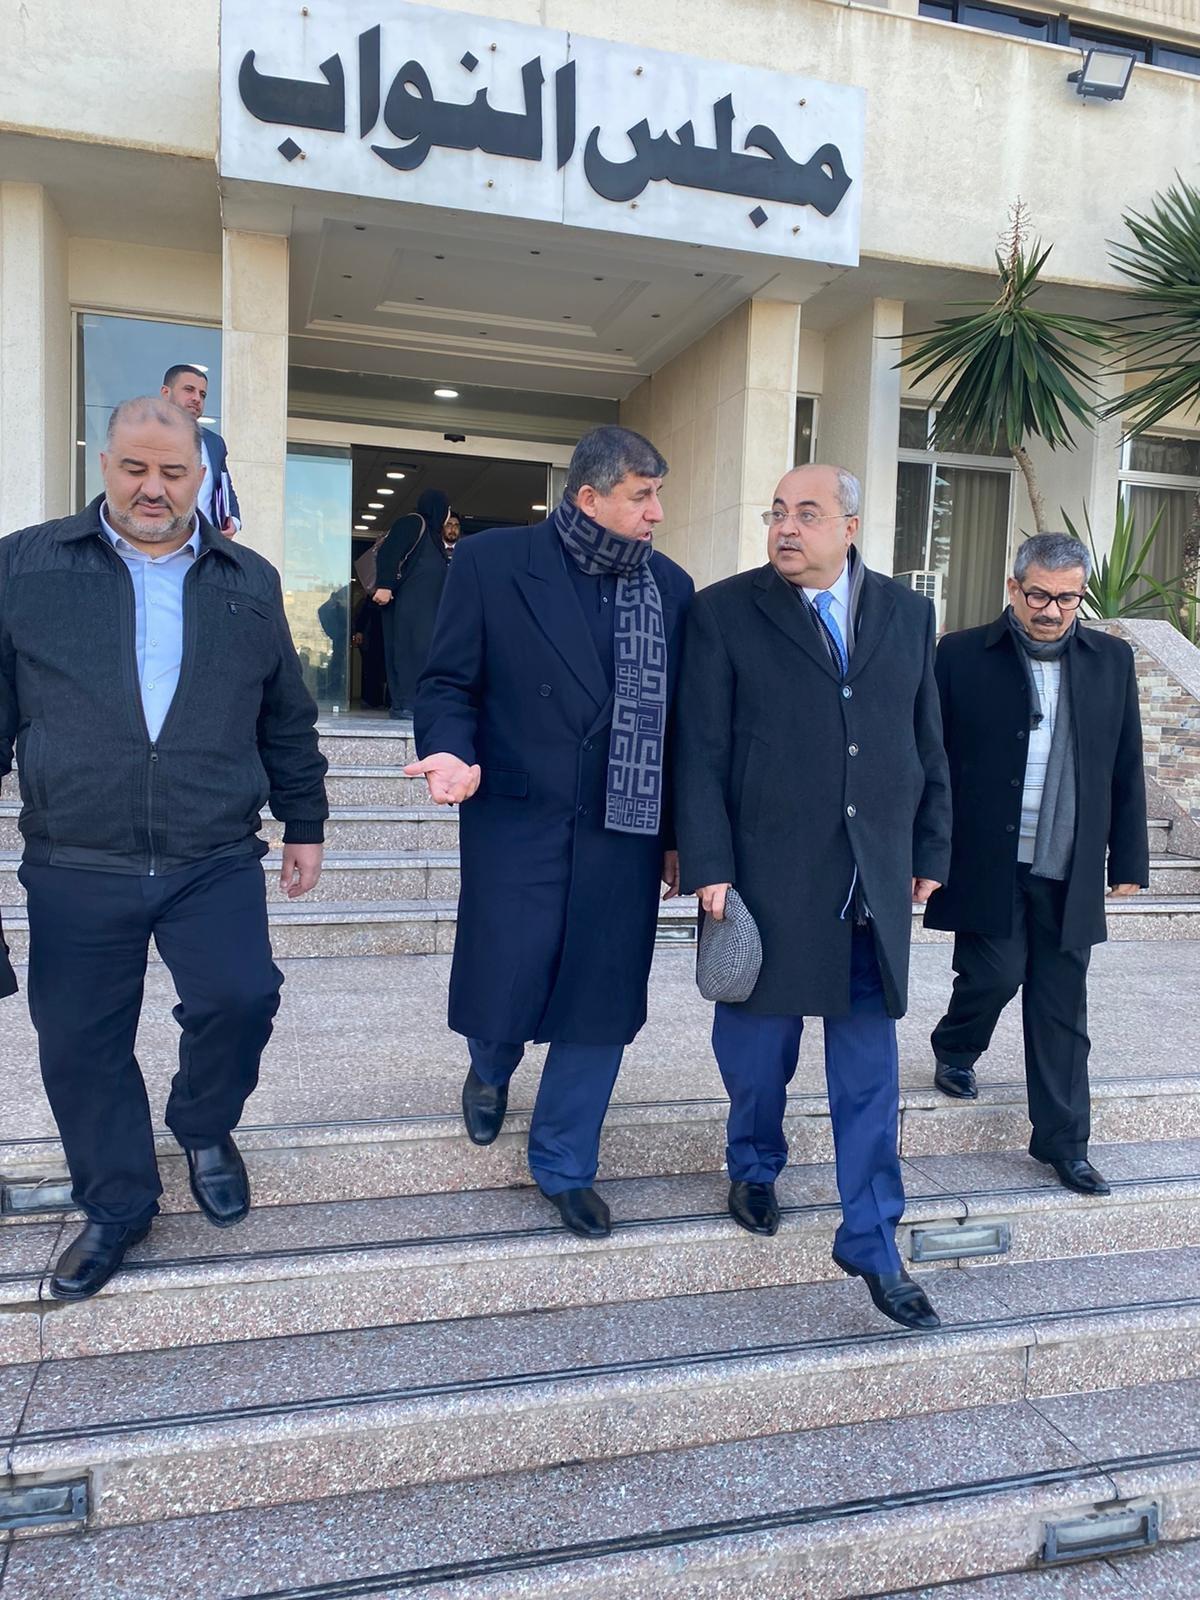 نواب لجنة القدس في المشتركة يطرحون قضايا الداخل والقدس خلال اجتماعهم بالبرلمان الأردني-4